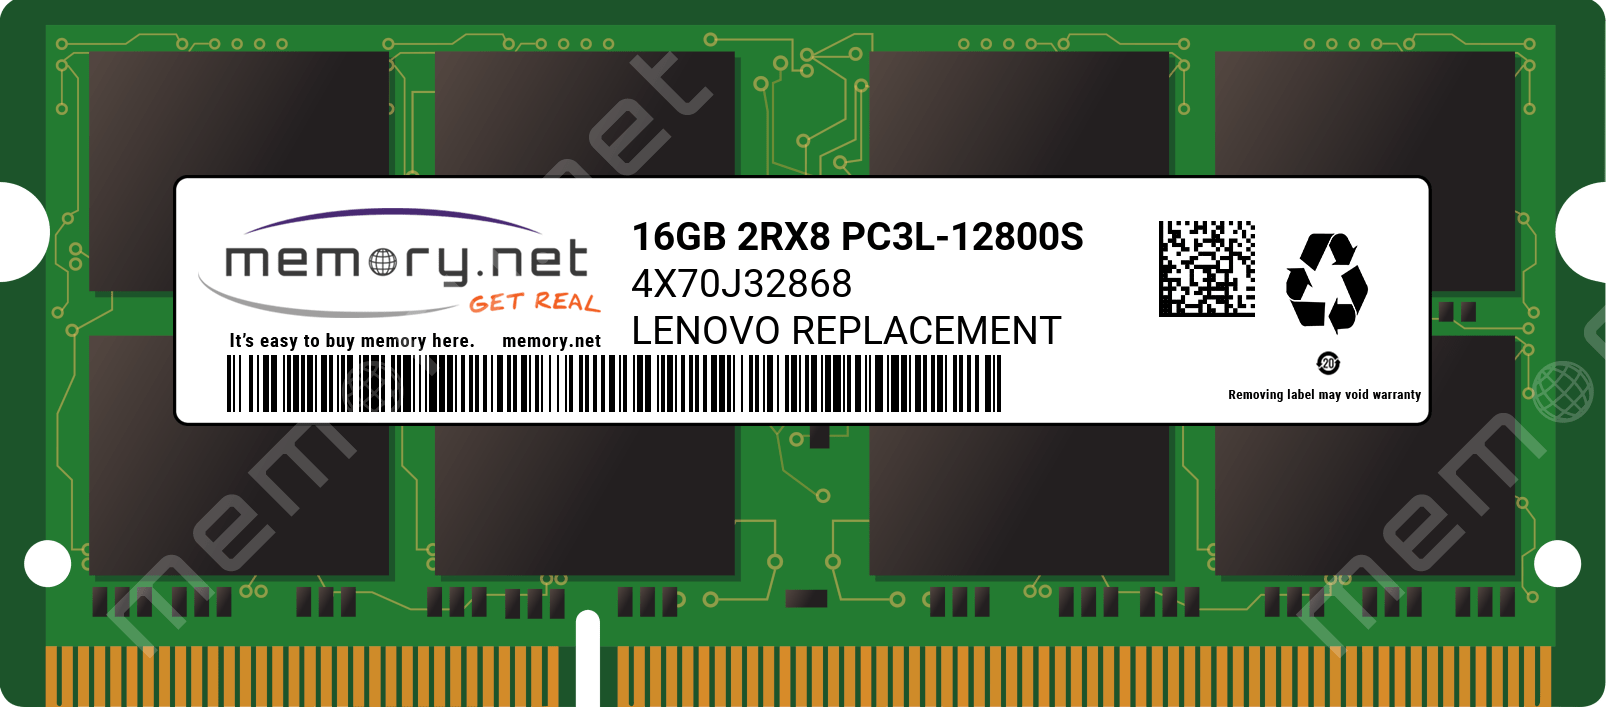 4X70J32868